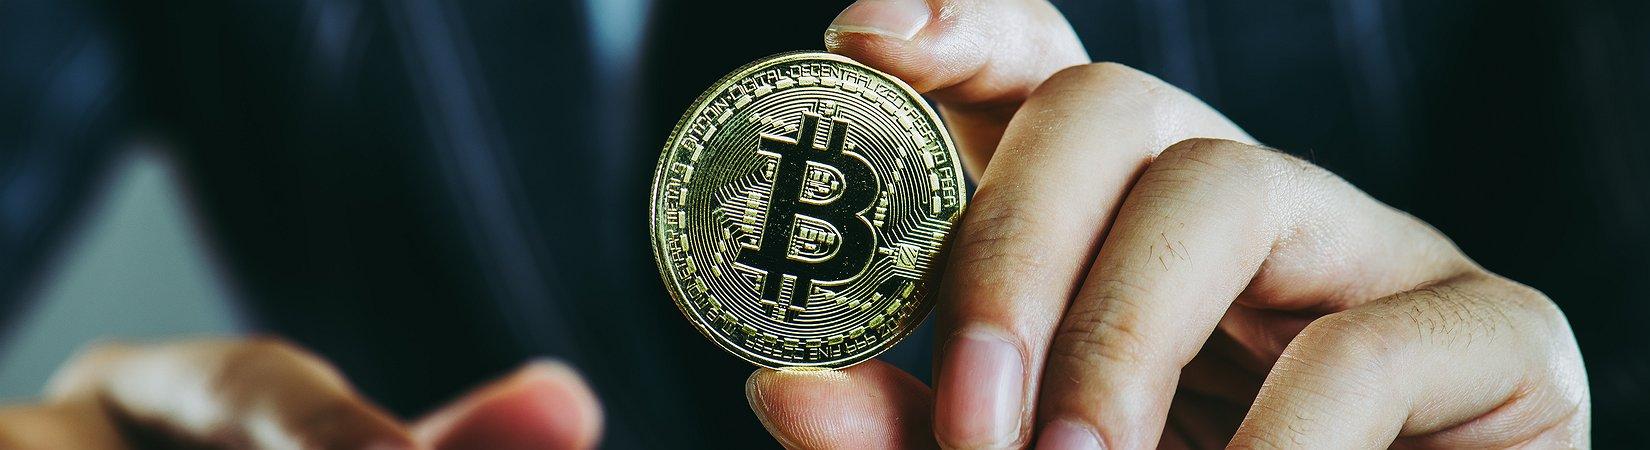 Почему биткоин значит больше, чем блокчейн